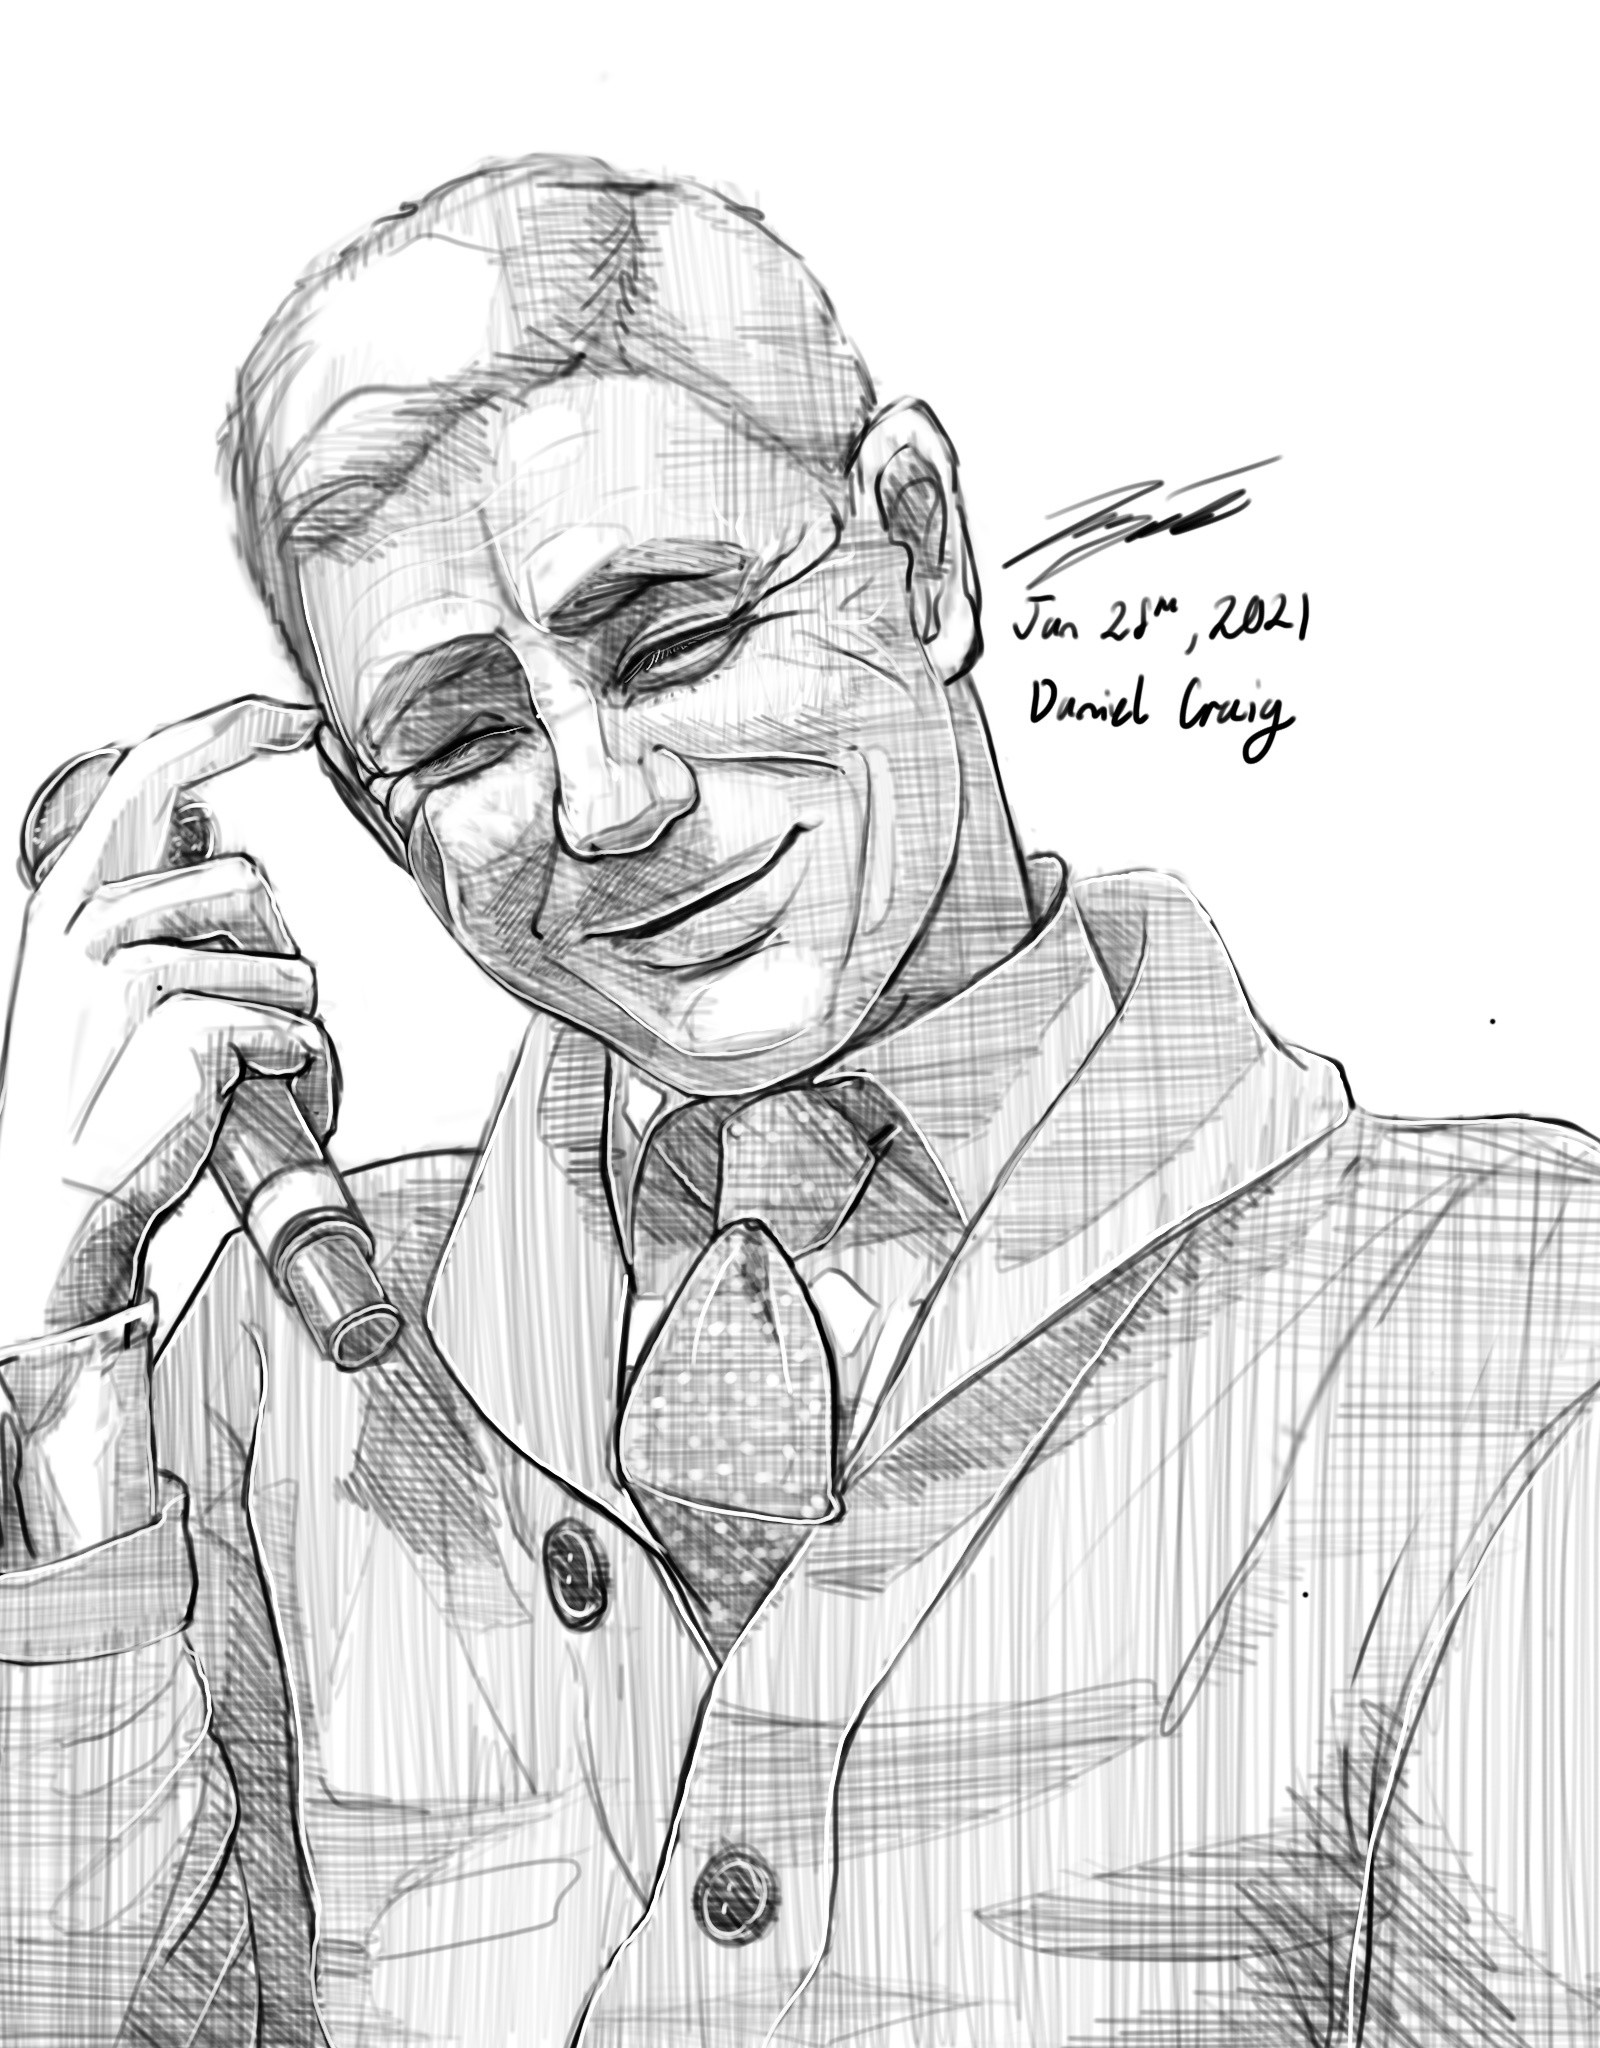 Commission Portrait by Laiqah Hanold Illustrations